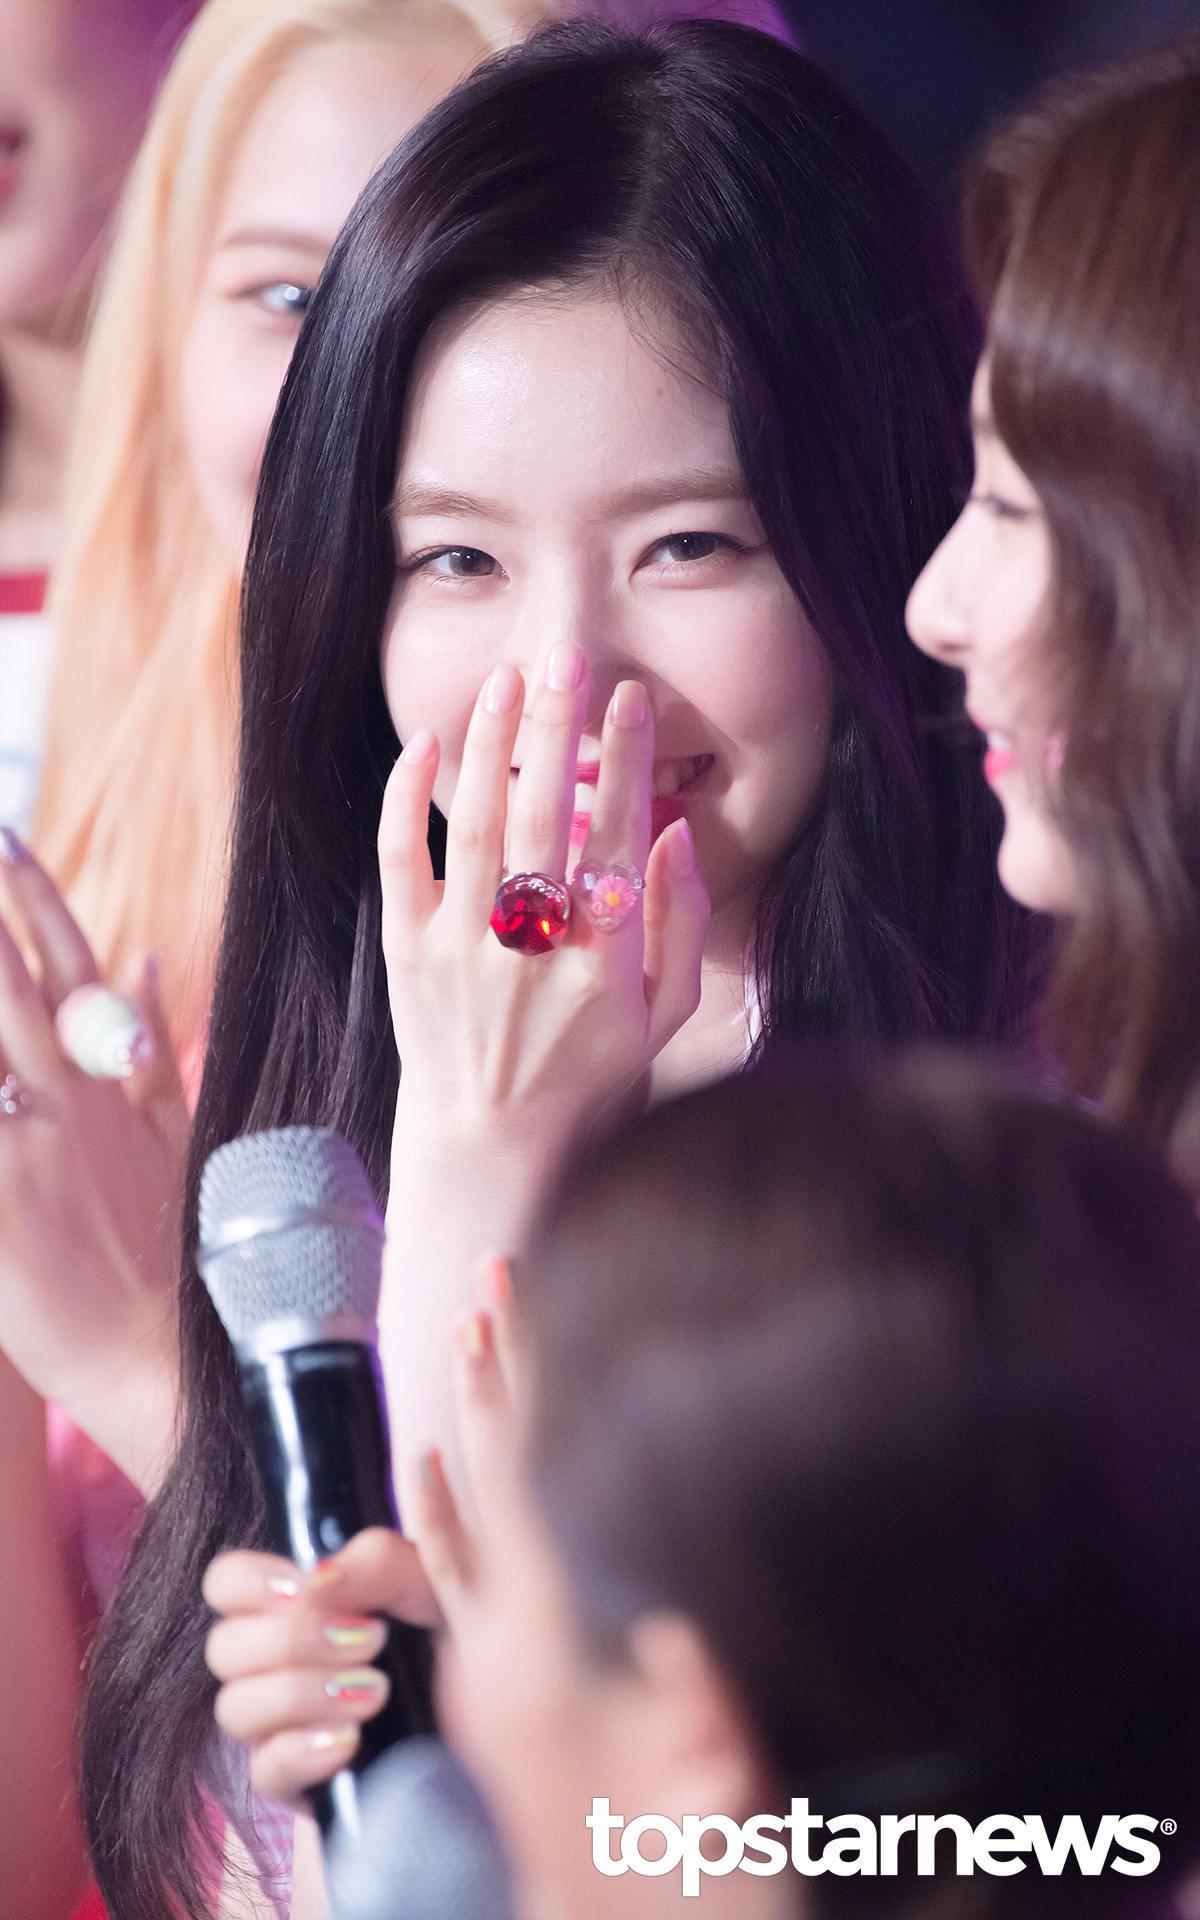 # Red Velvet Irene Irene阿 Irene 妳怎麼可以美成這樣... 好羨慕攝影師能透過相機鏡頭跟你對視阿....